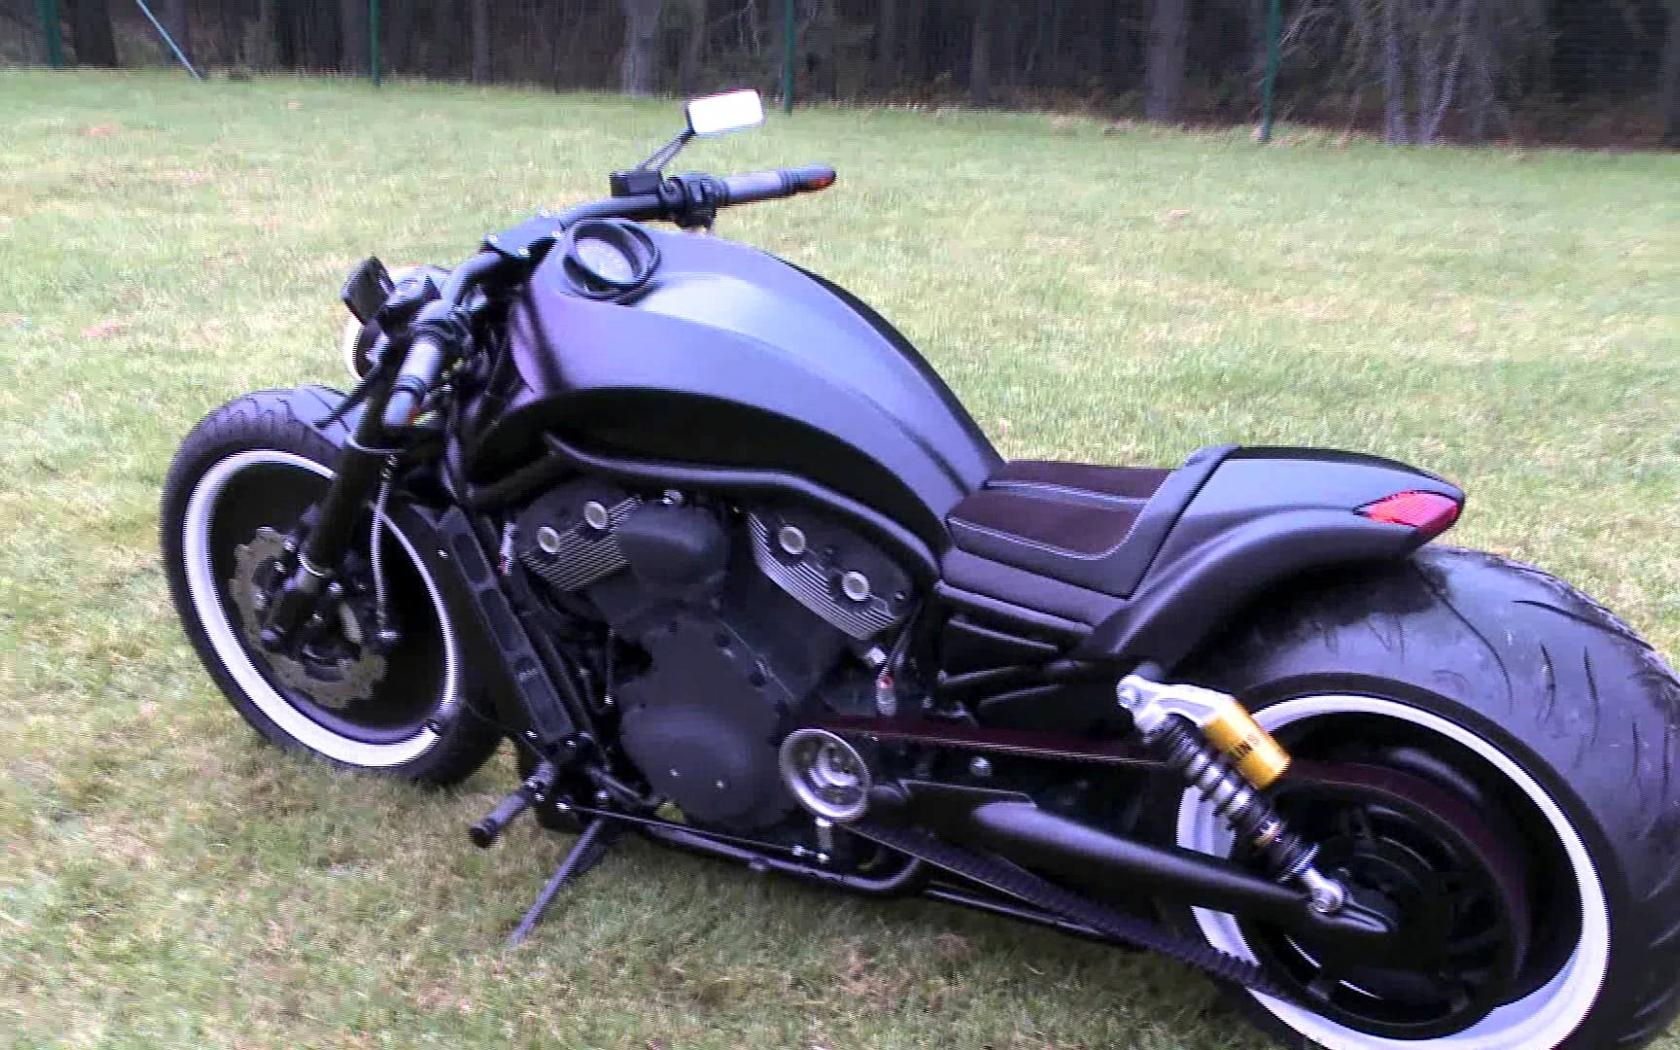 Free Download Harley Davidson V Rod Wallpapers Hd Download